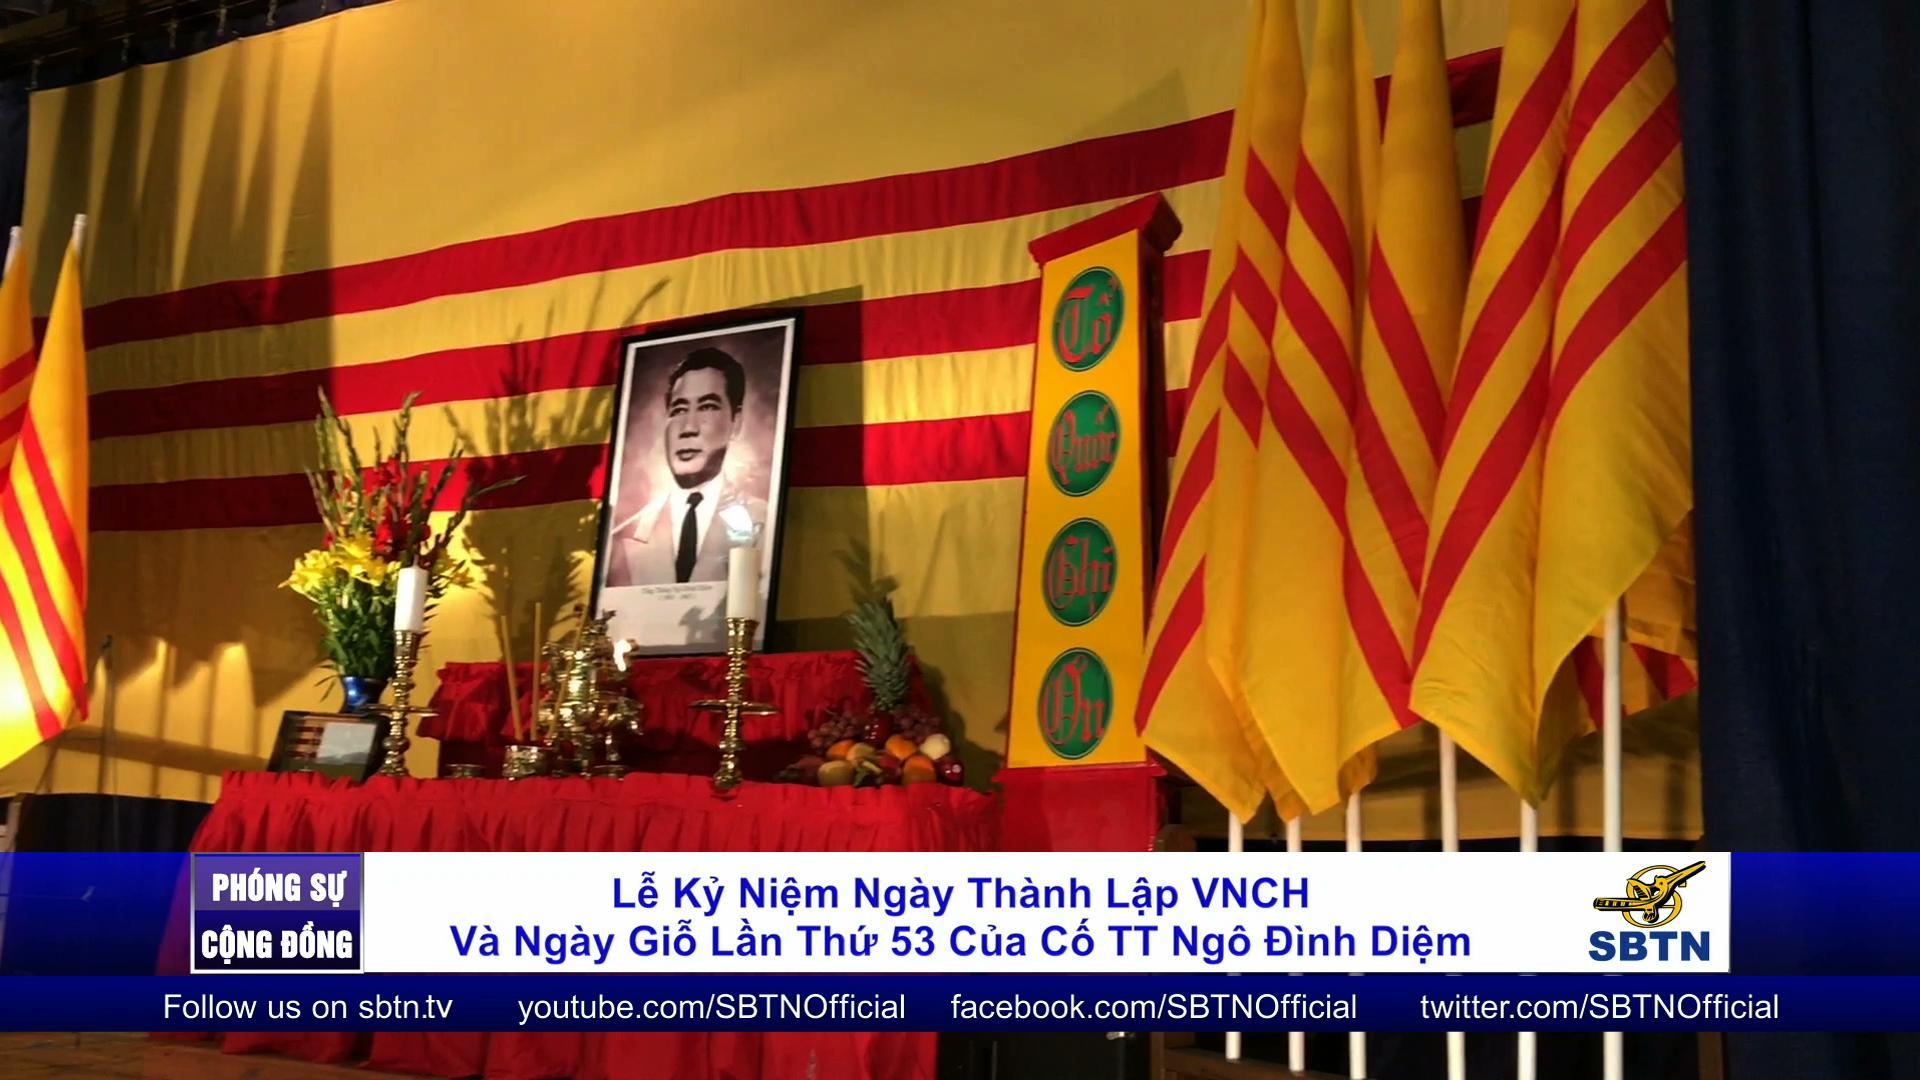 Lễ kỷ niệm Ngày Thành Lập VNCH & giỗ lần thứ 53 cố TT Ngô Đình Diệm tại Dorchester